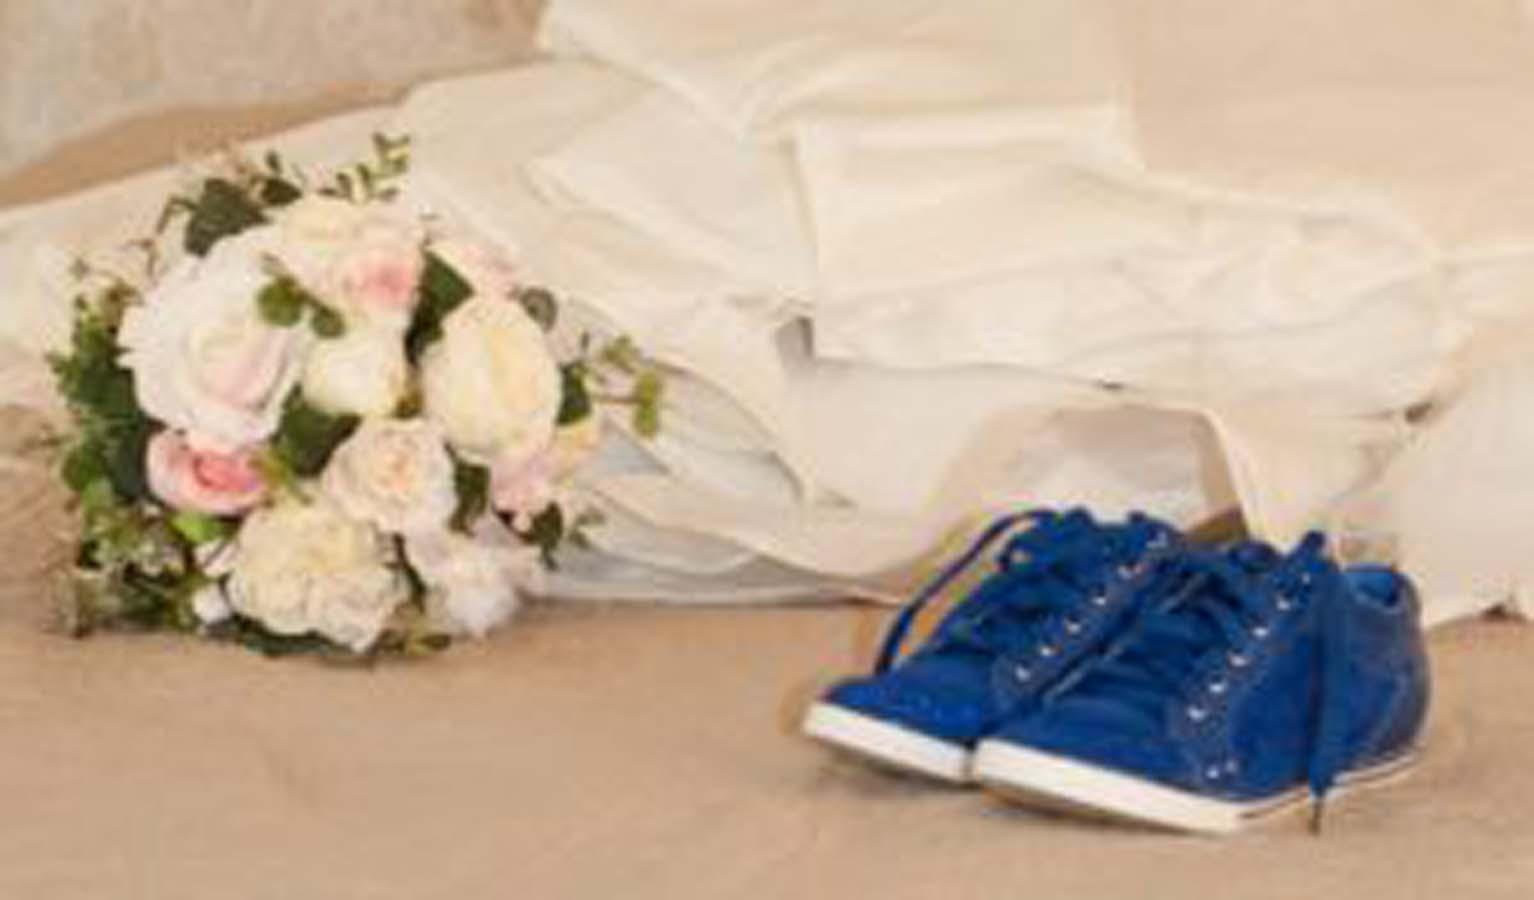 Theresa Blue Bridal Shoes